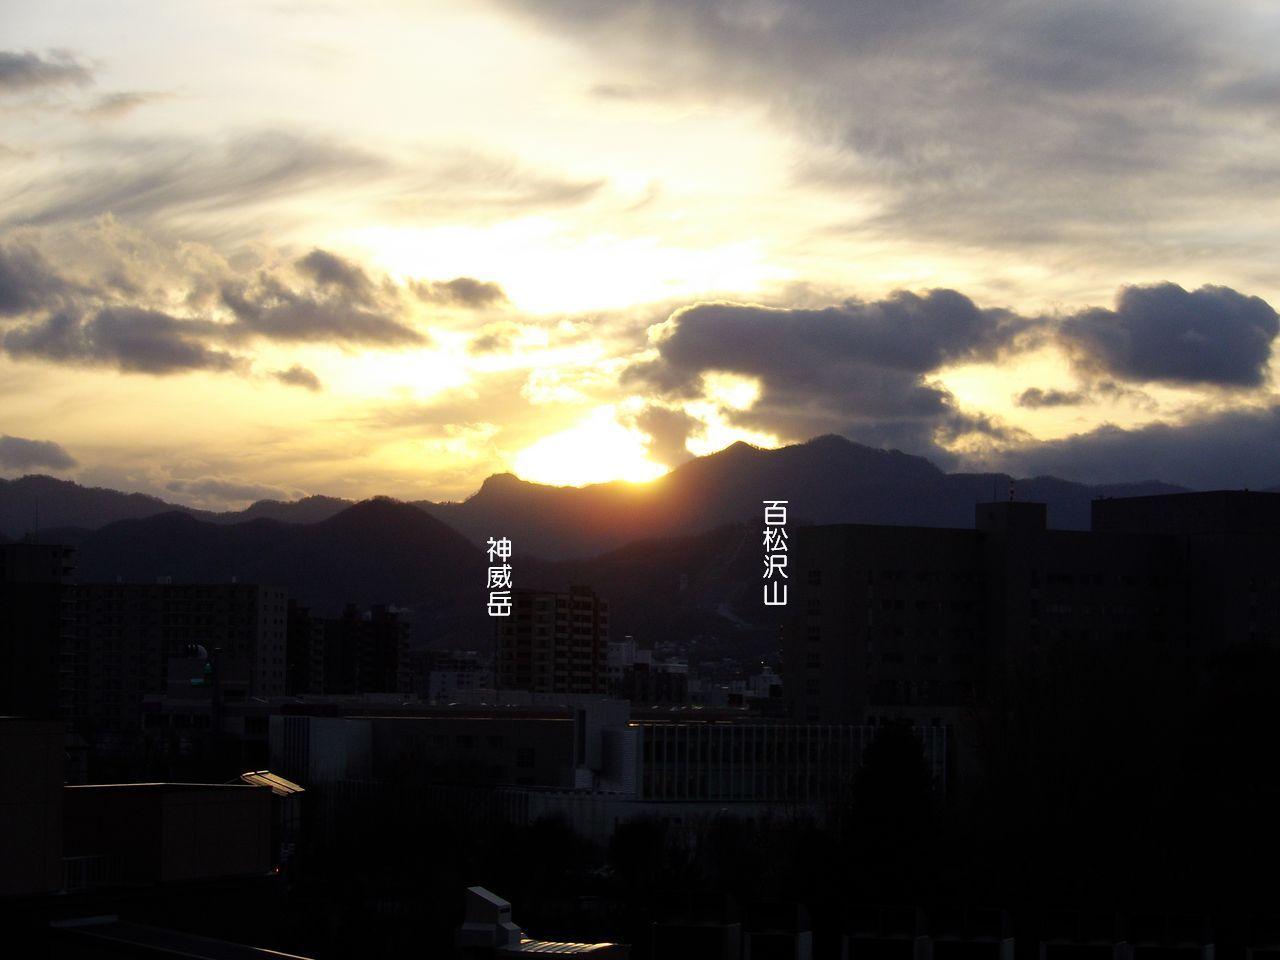 いつ降ってもおかしくない寒さ_c0025115_18361287.jpg